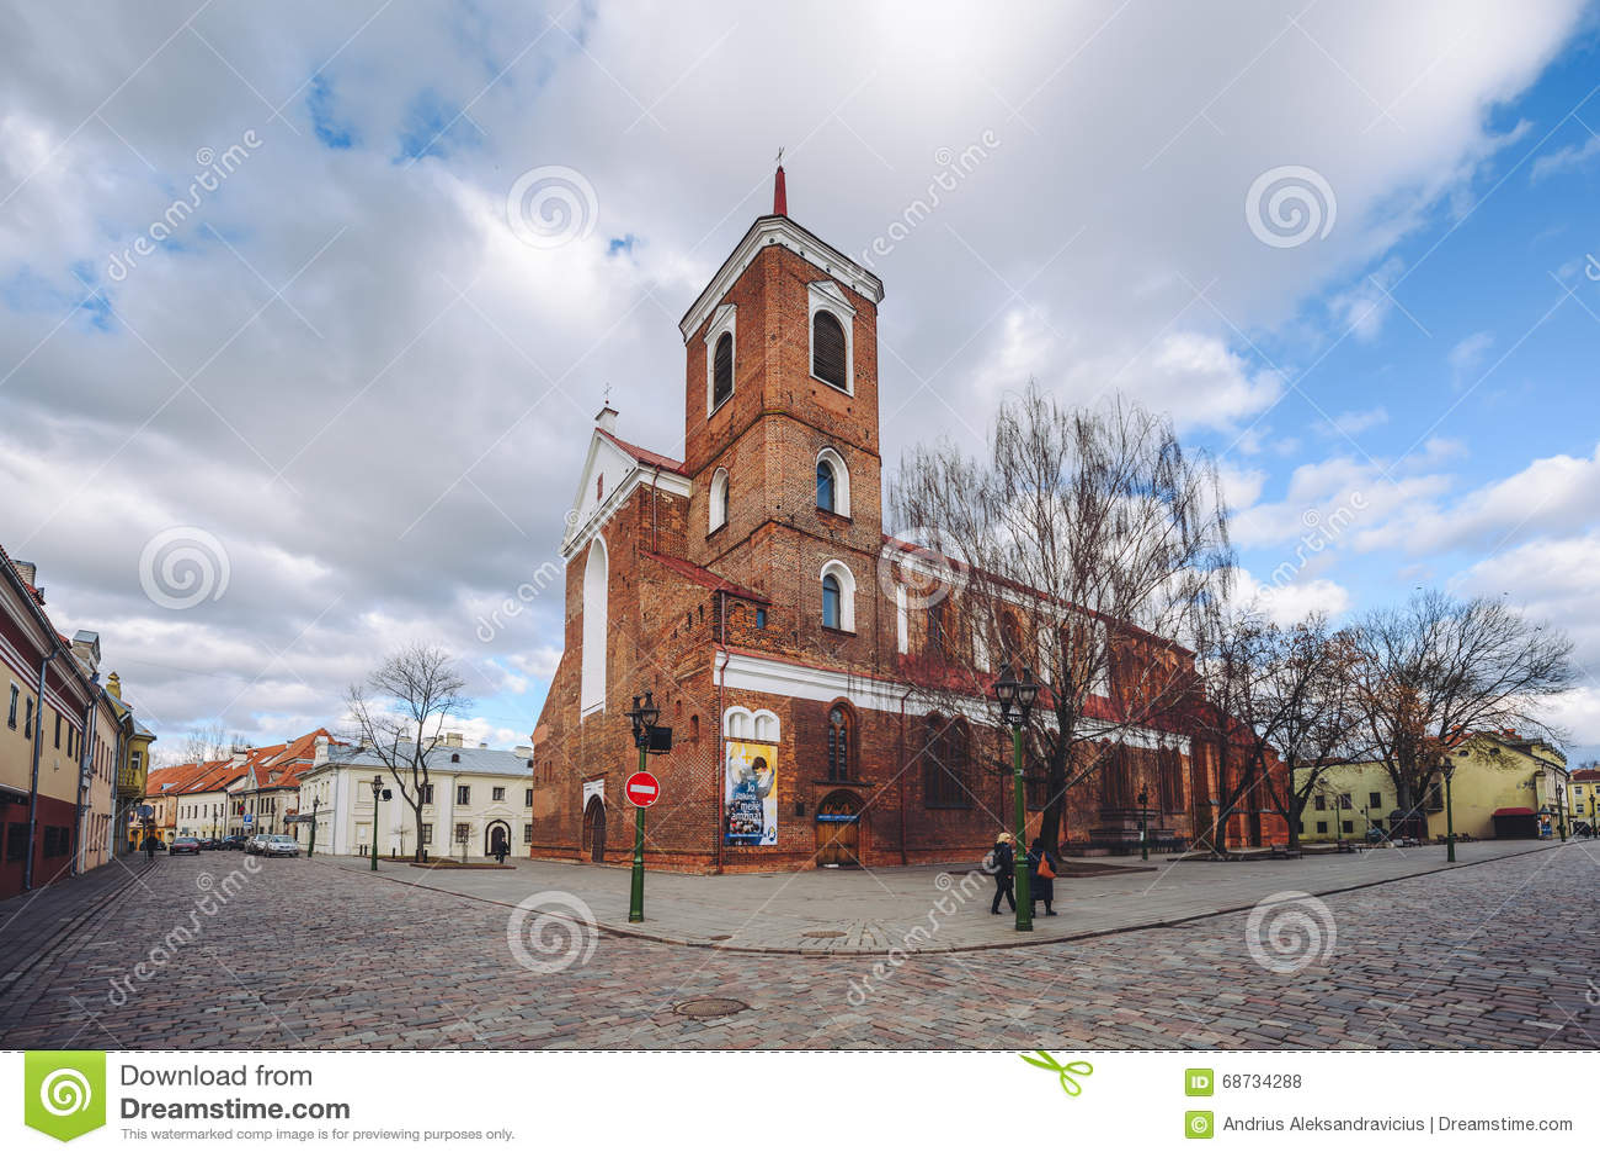 Kaunas kathedralen basilika litauen redaktionelles for Architektur klassisch